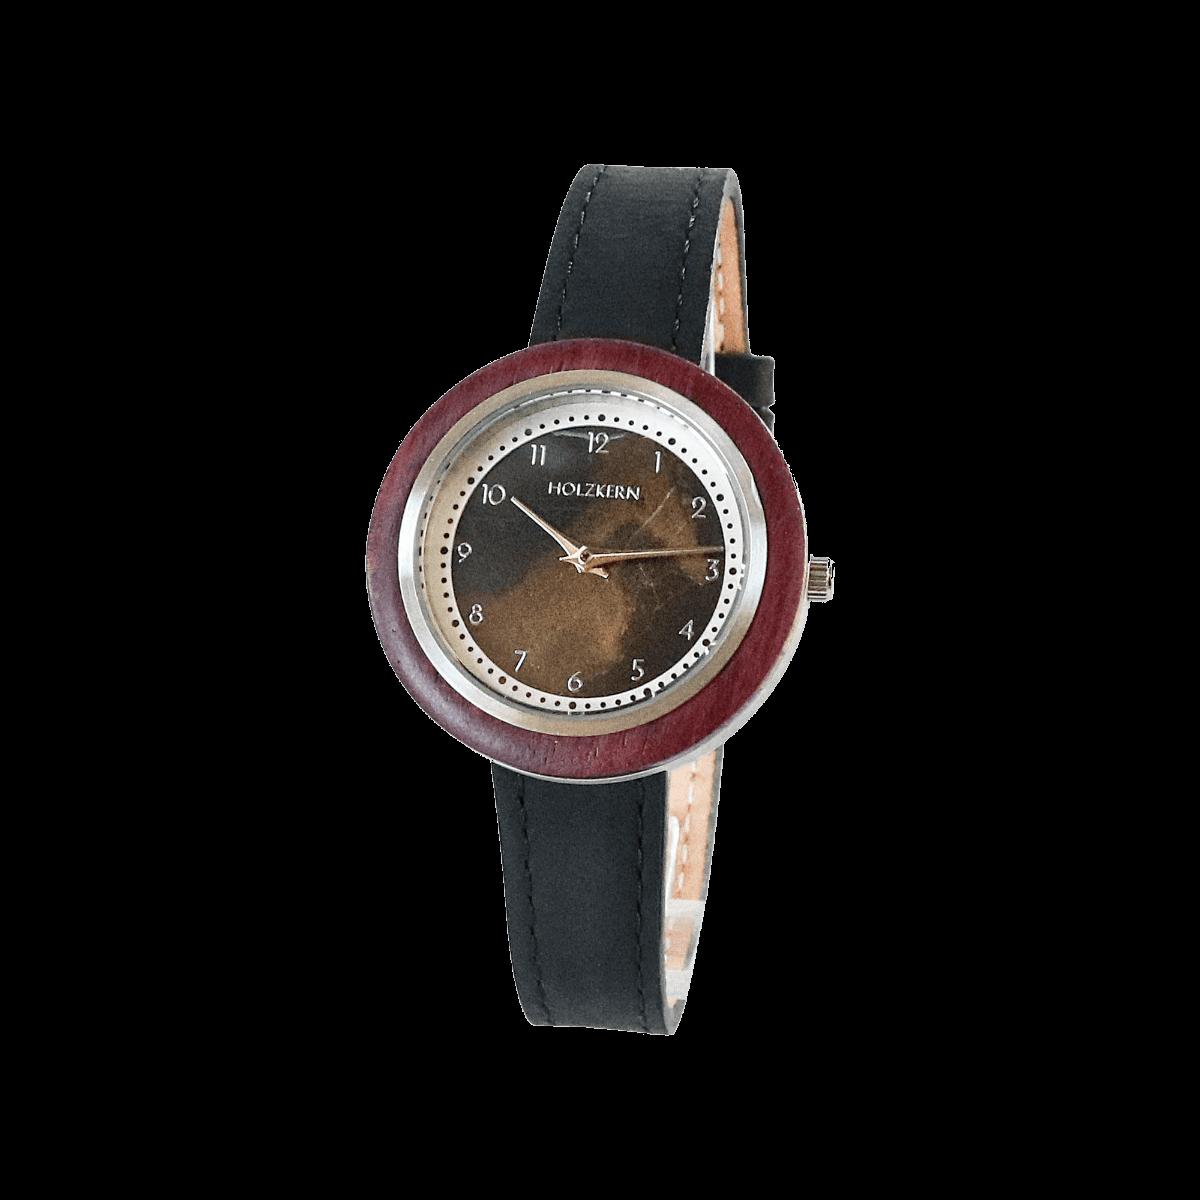 Eine Kombination aus braunem Marmor, Amaranth undd schwarzem Echtlederarmband macht diese Holzuhr von Holzkern zu einem besonderen Modell